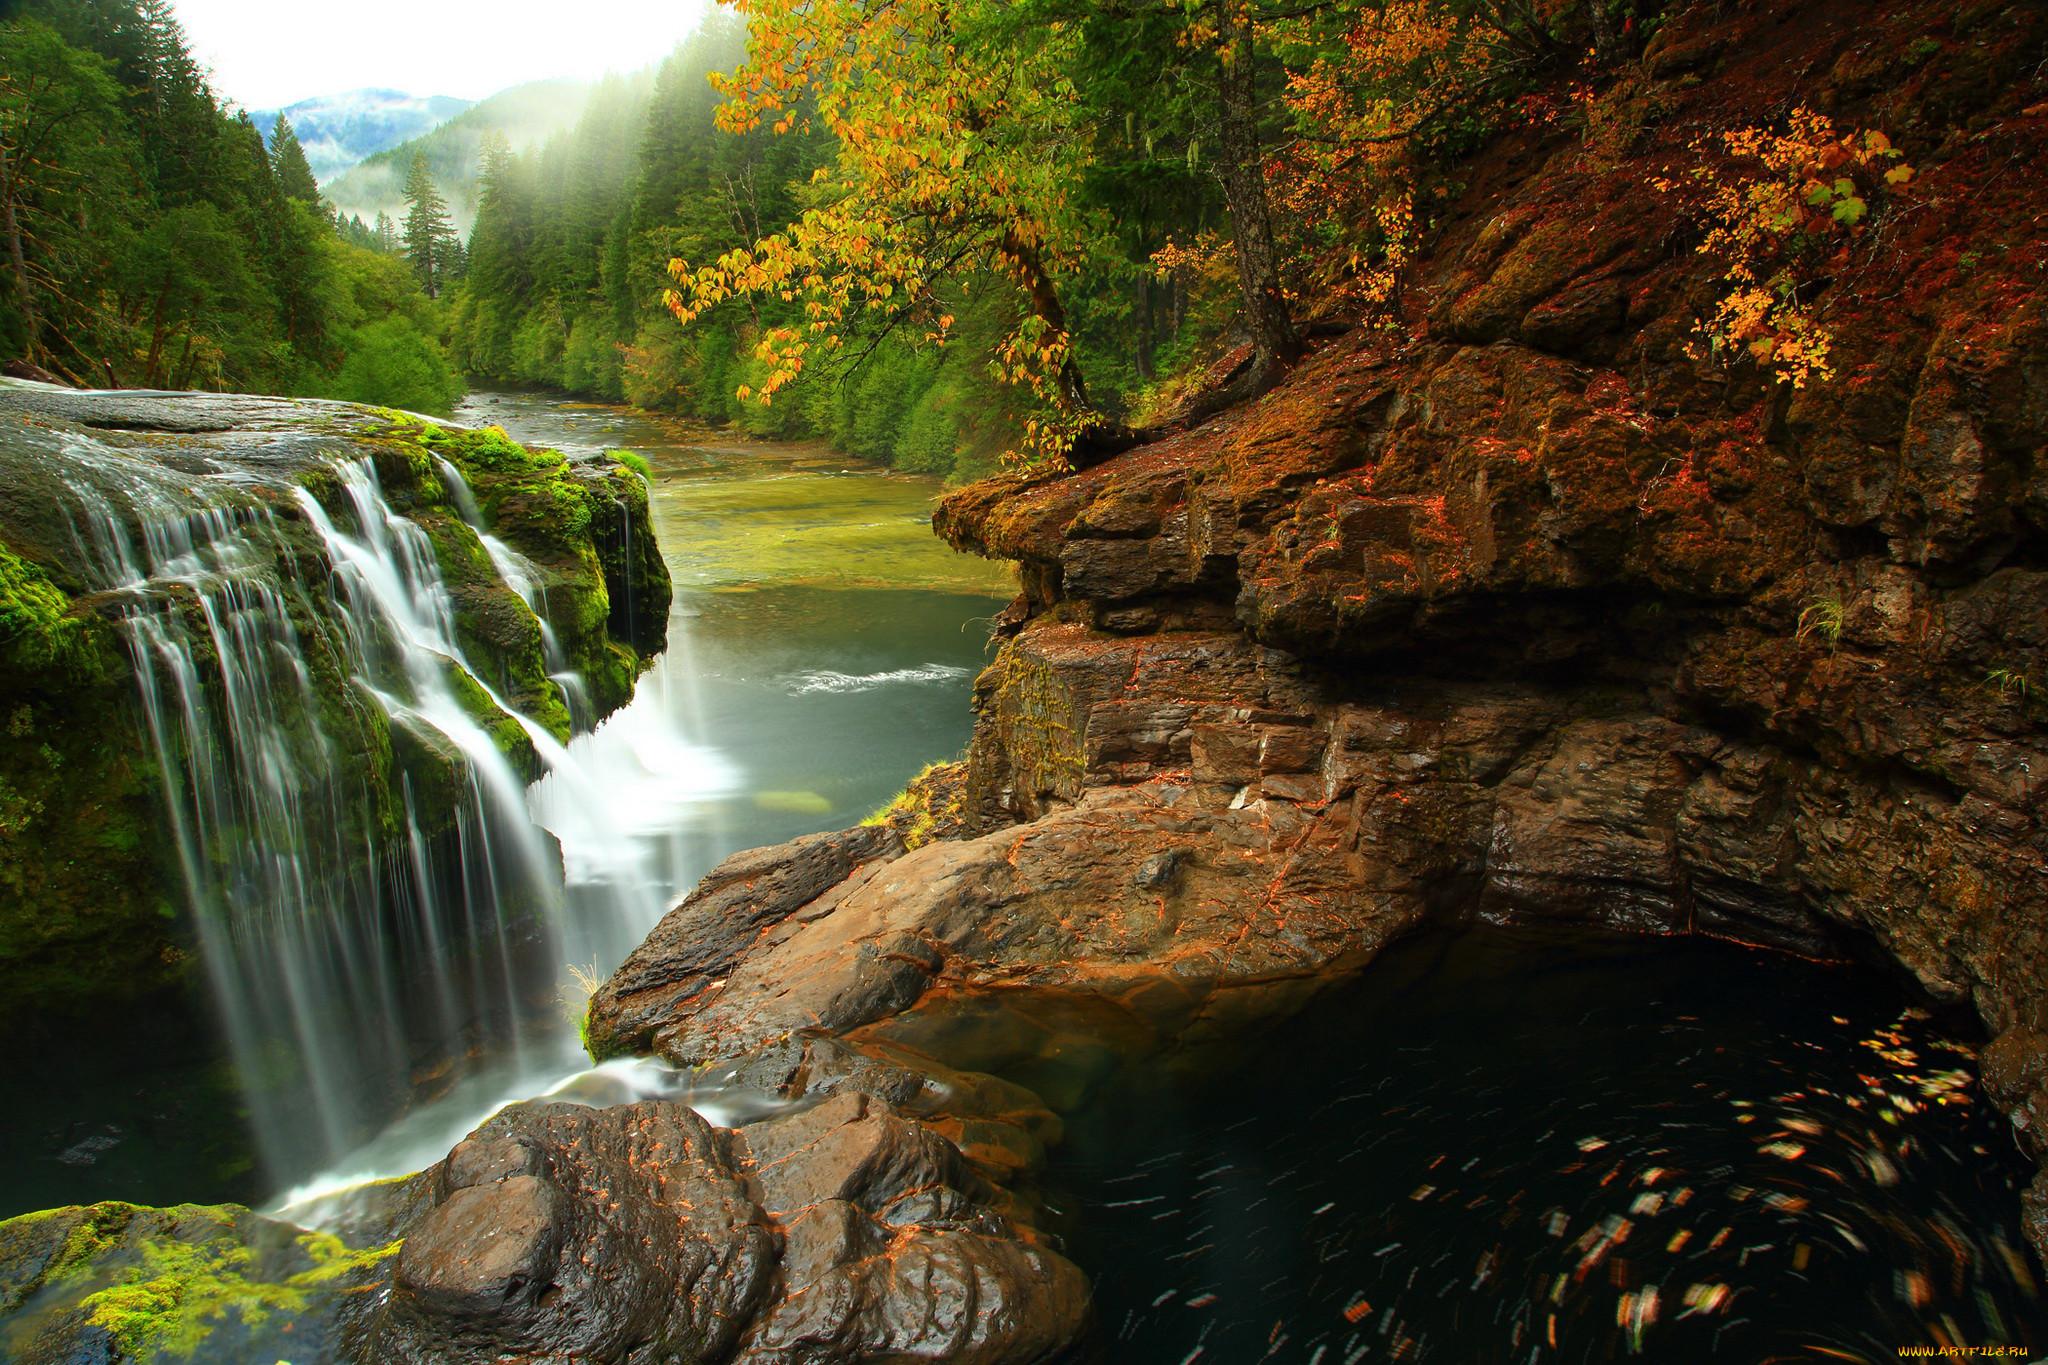 Природа водопады лес водопад камни